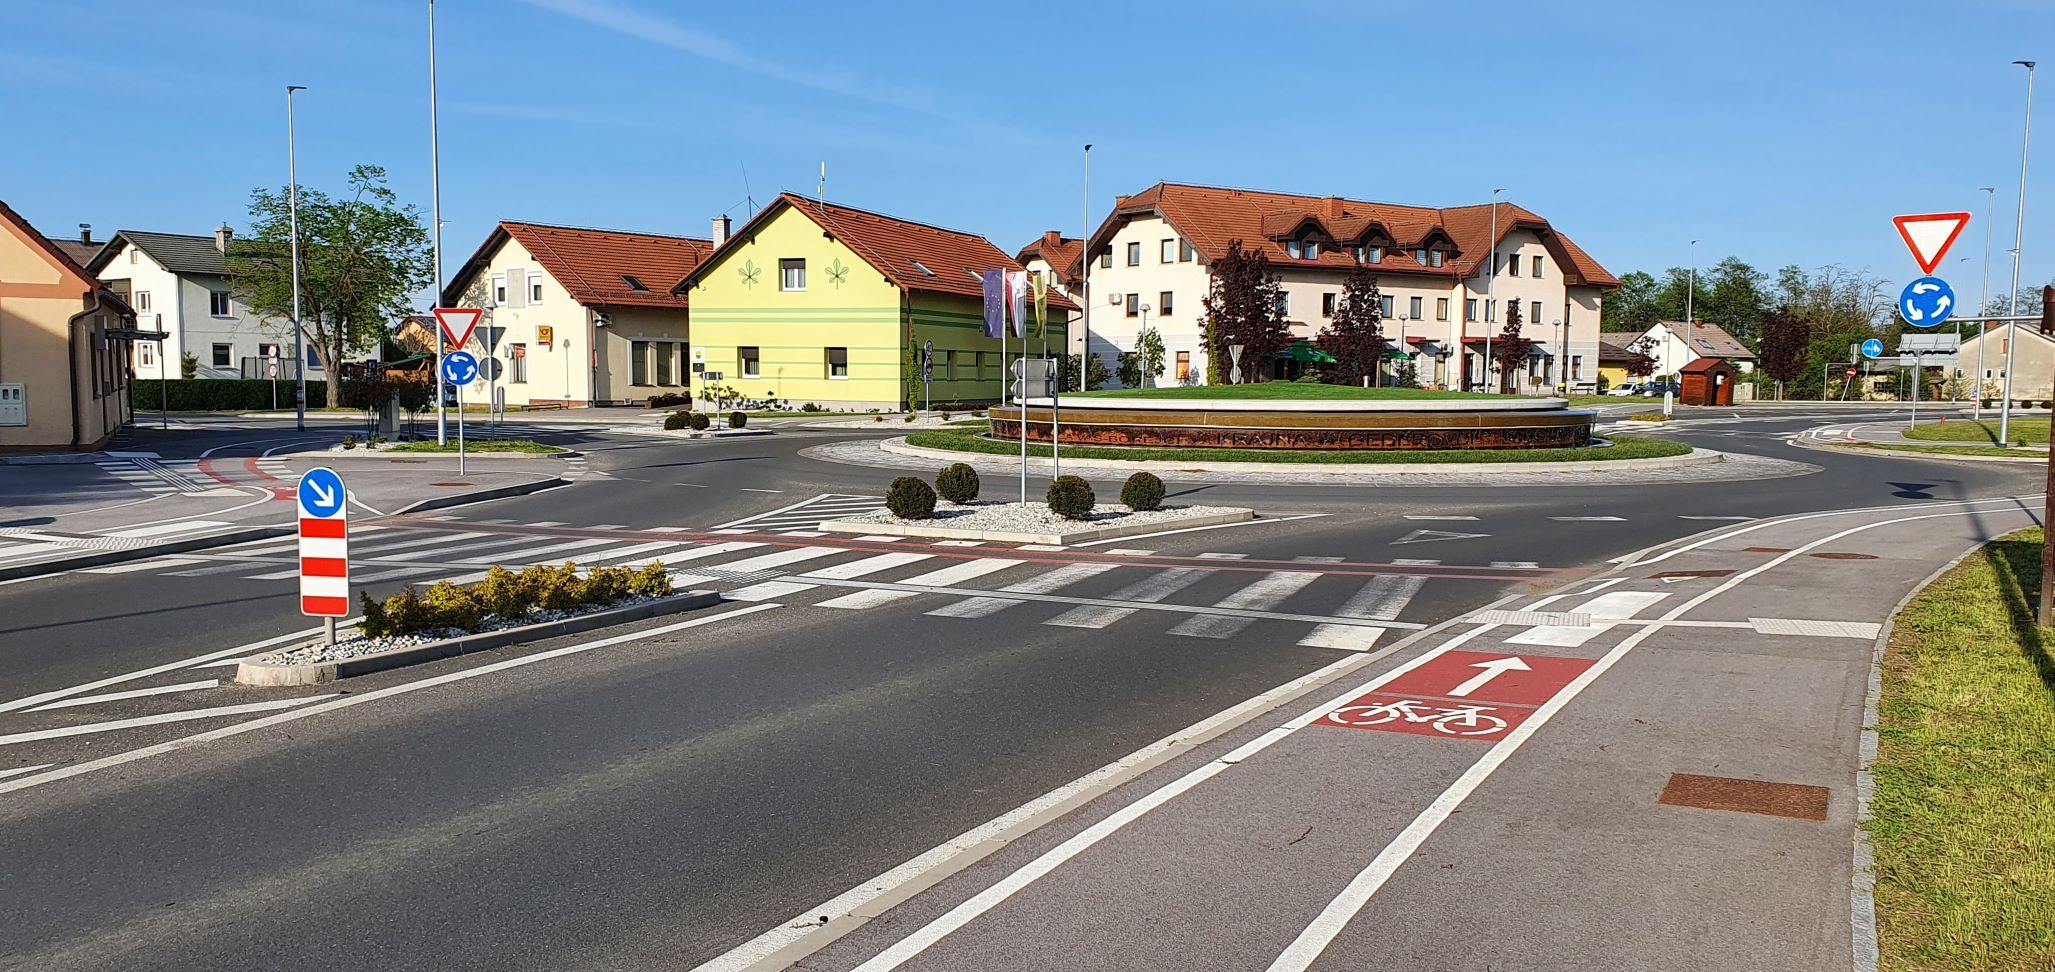 Rekonstrukcija regionalne ceste R1-235/0318 Petanjci – Murska Sobota (Gaj) od km 2+717 do km 3+895 z ureditvijo krožišča